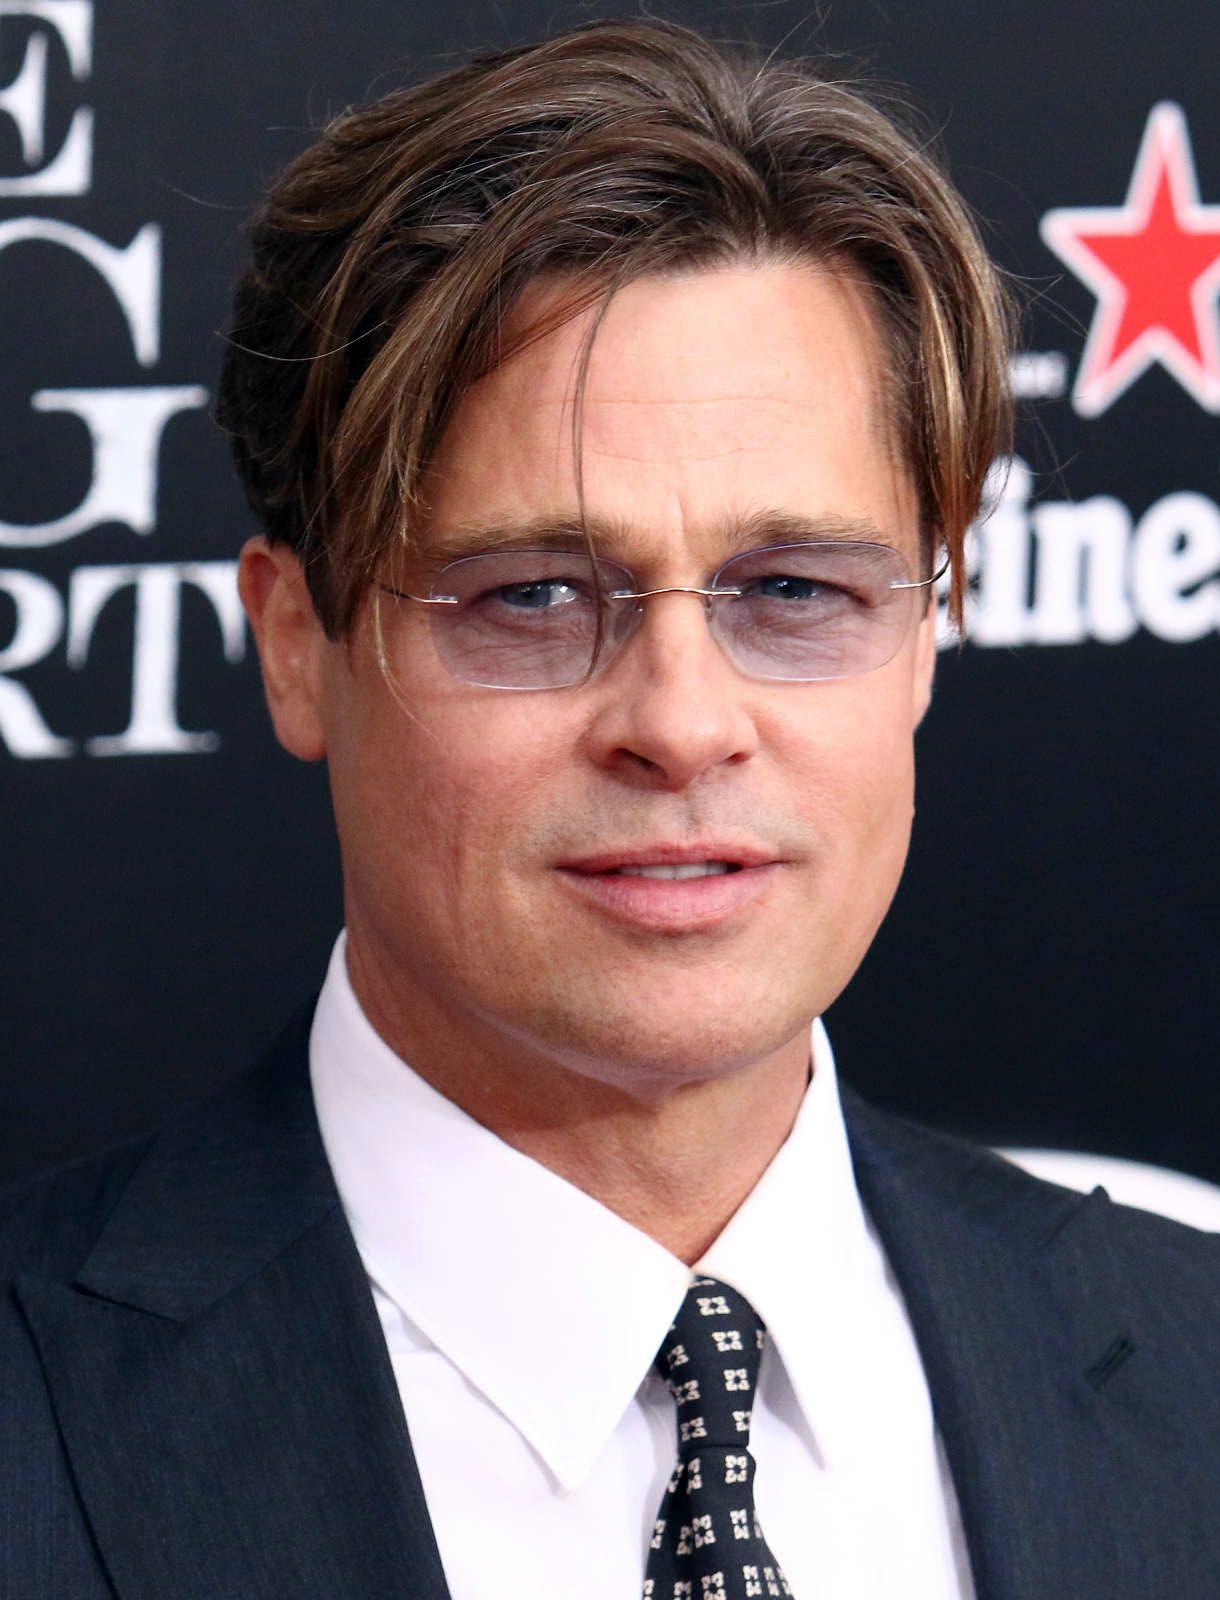 Brad Pitt Curtain Hairstyle e1534750380123